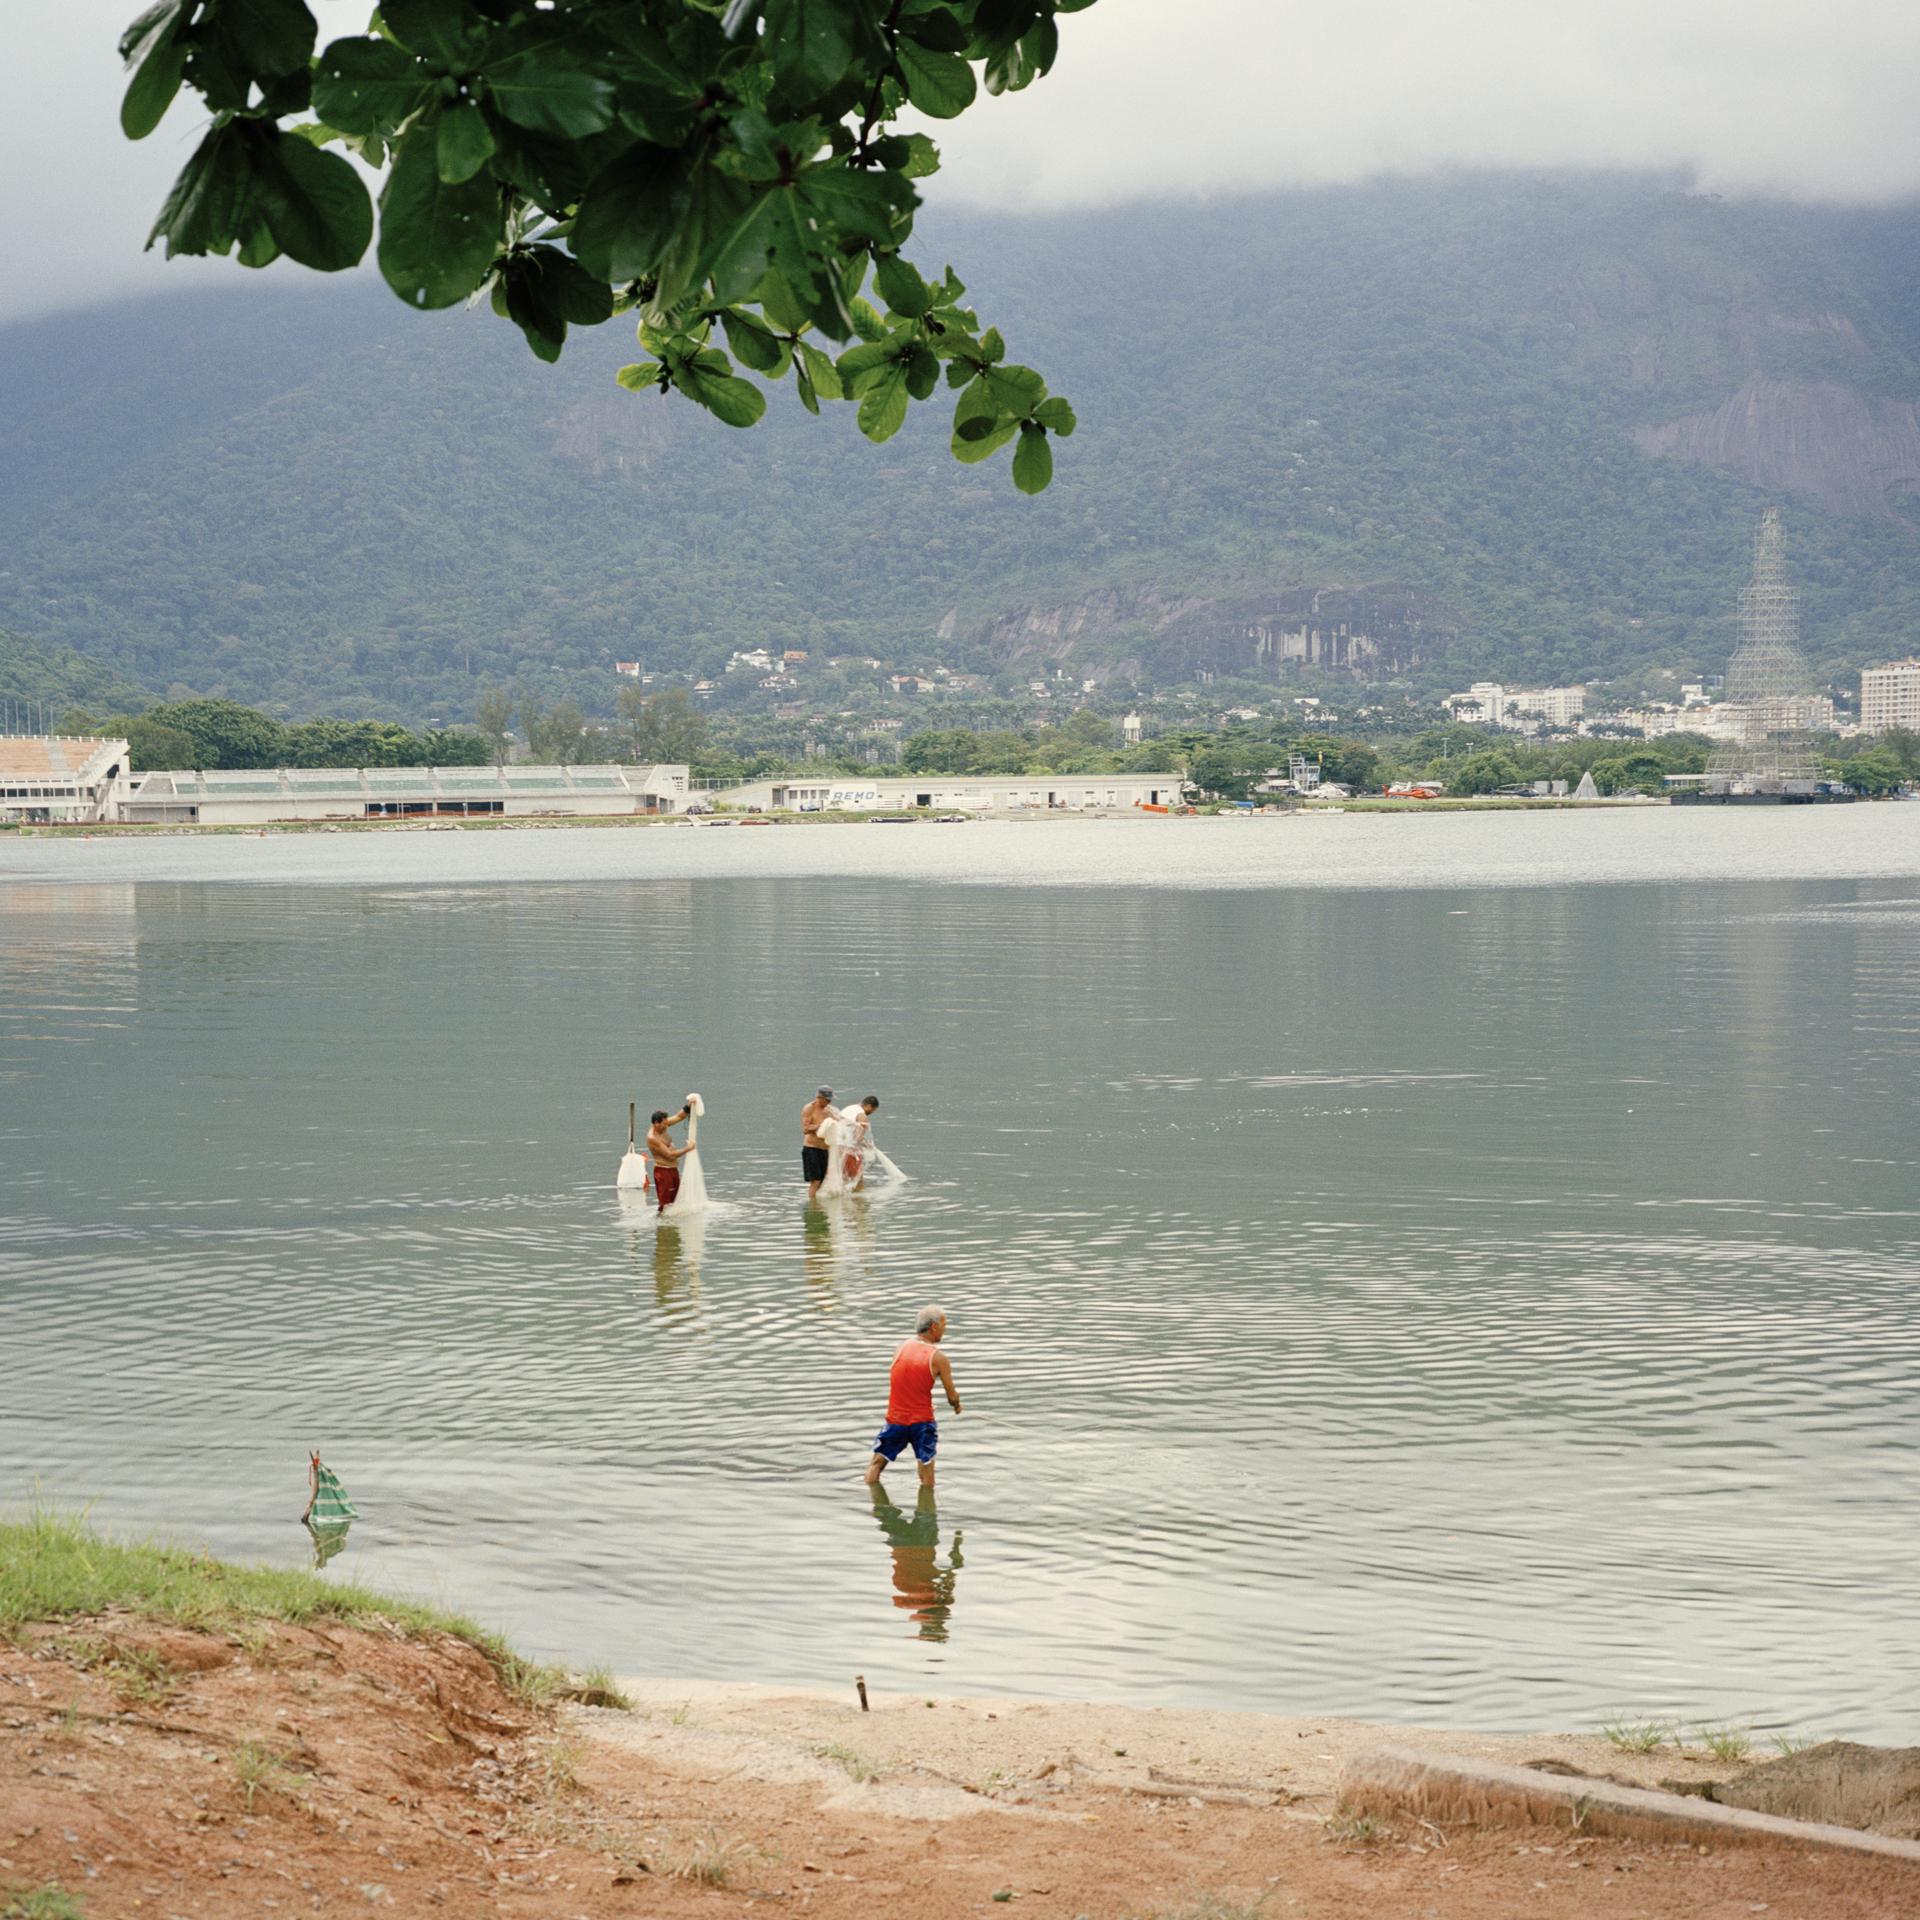 Net fishing in Lagoa Rodrigo de Freitas.